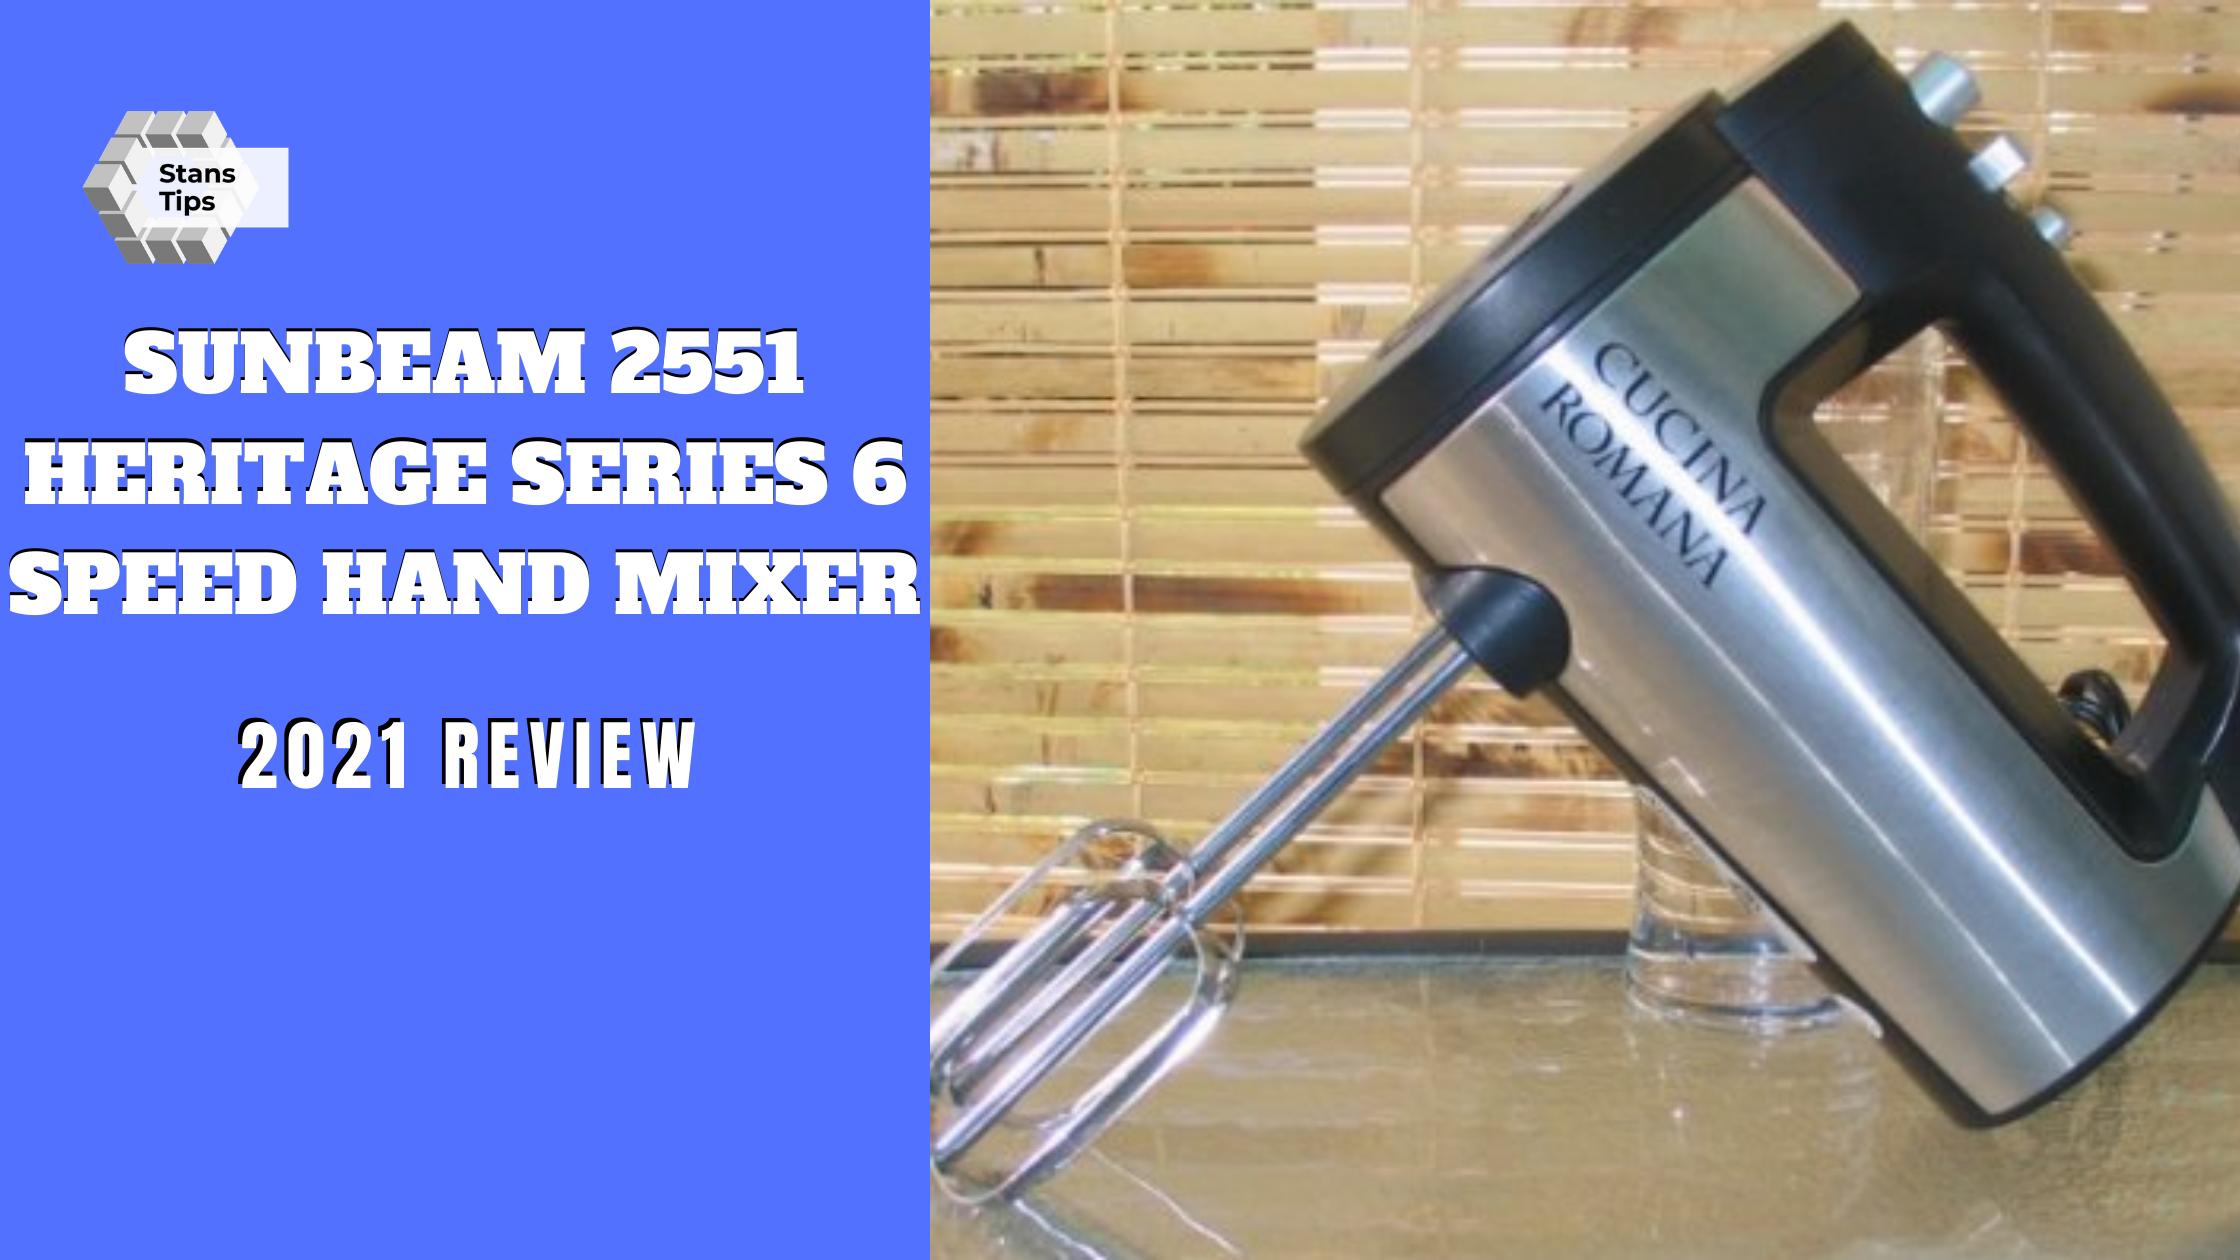 Sunbeam 2551 heritage series 6 speed 250 watt hand mixer review